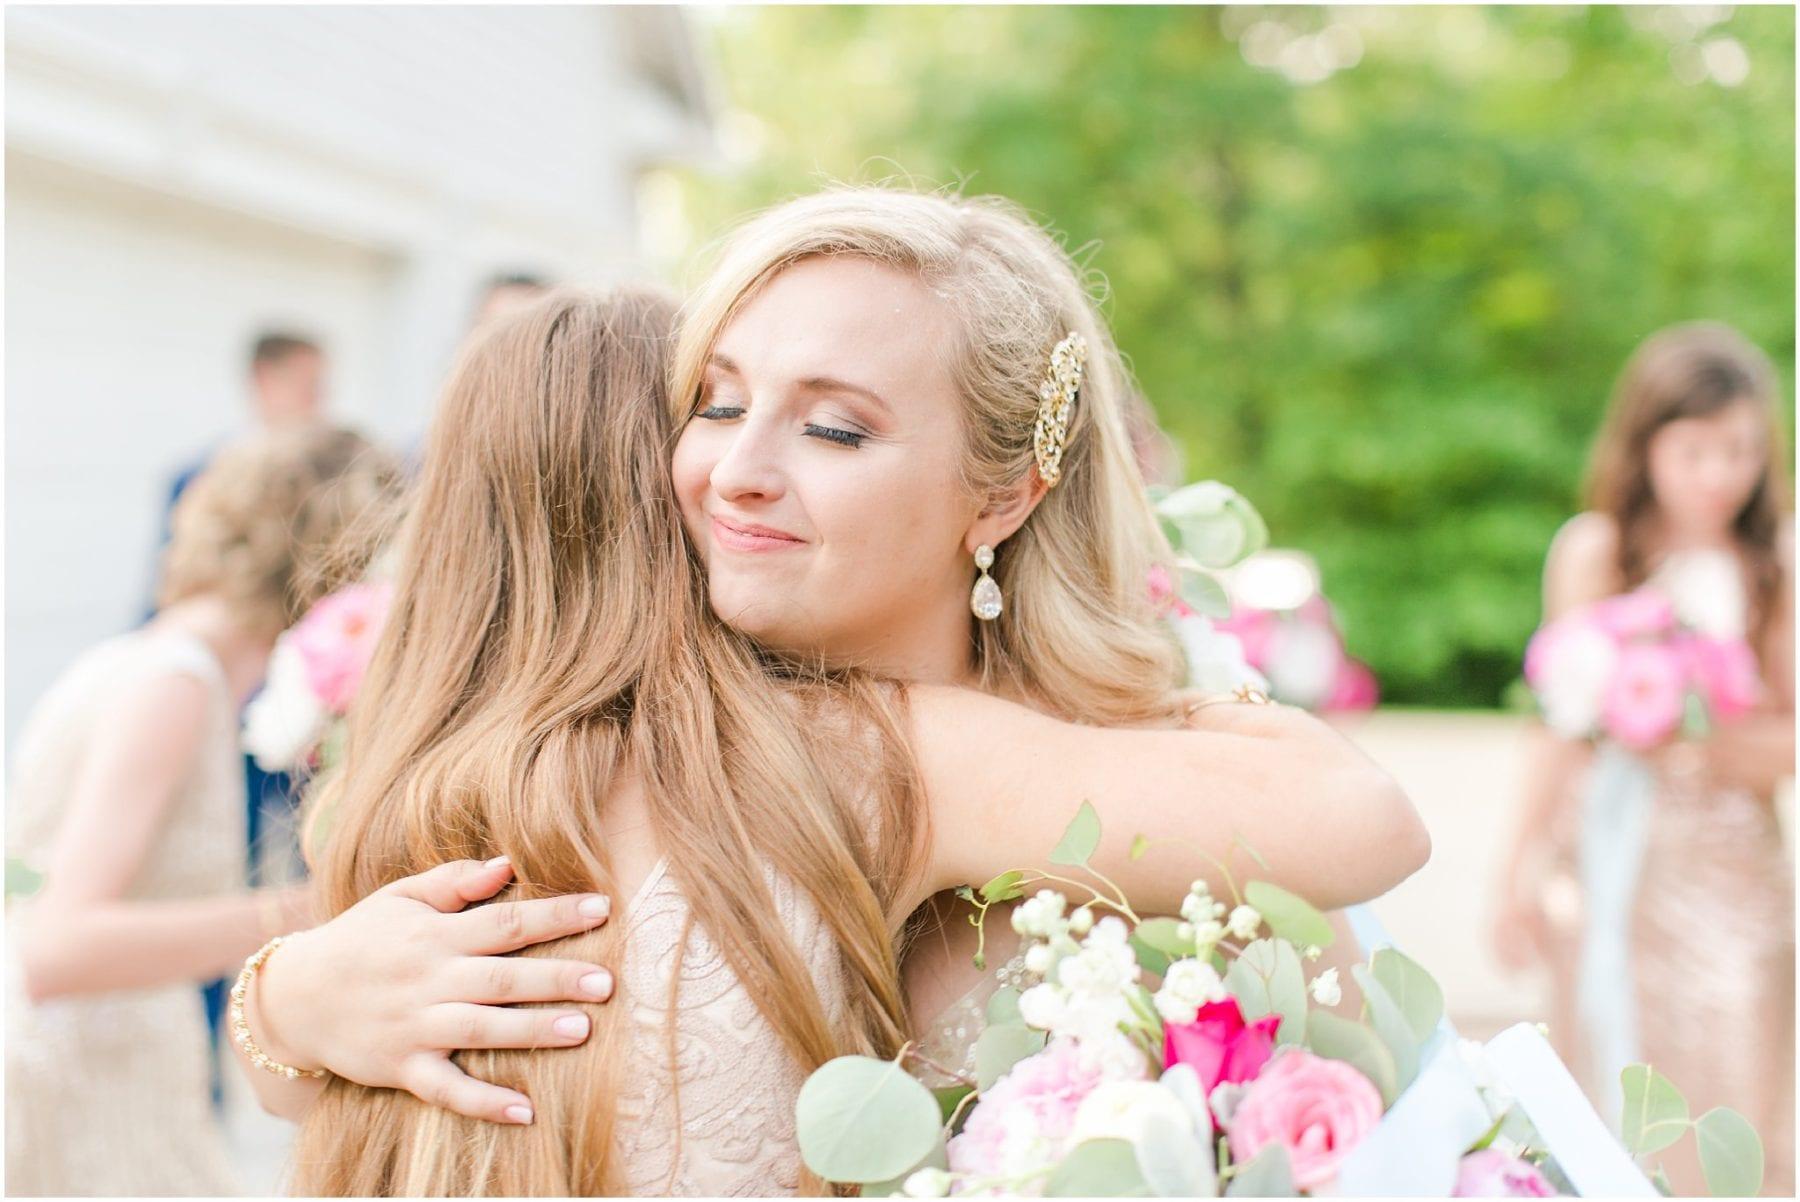 Maryland Backyard Wedding Photos Kelly & Zach Megan Kelsey Photography-246.jpg